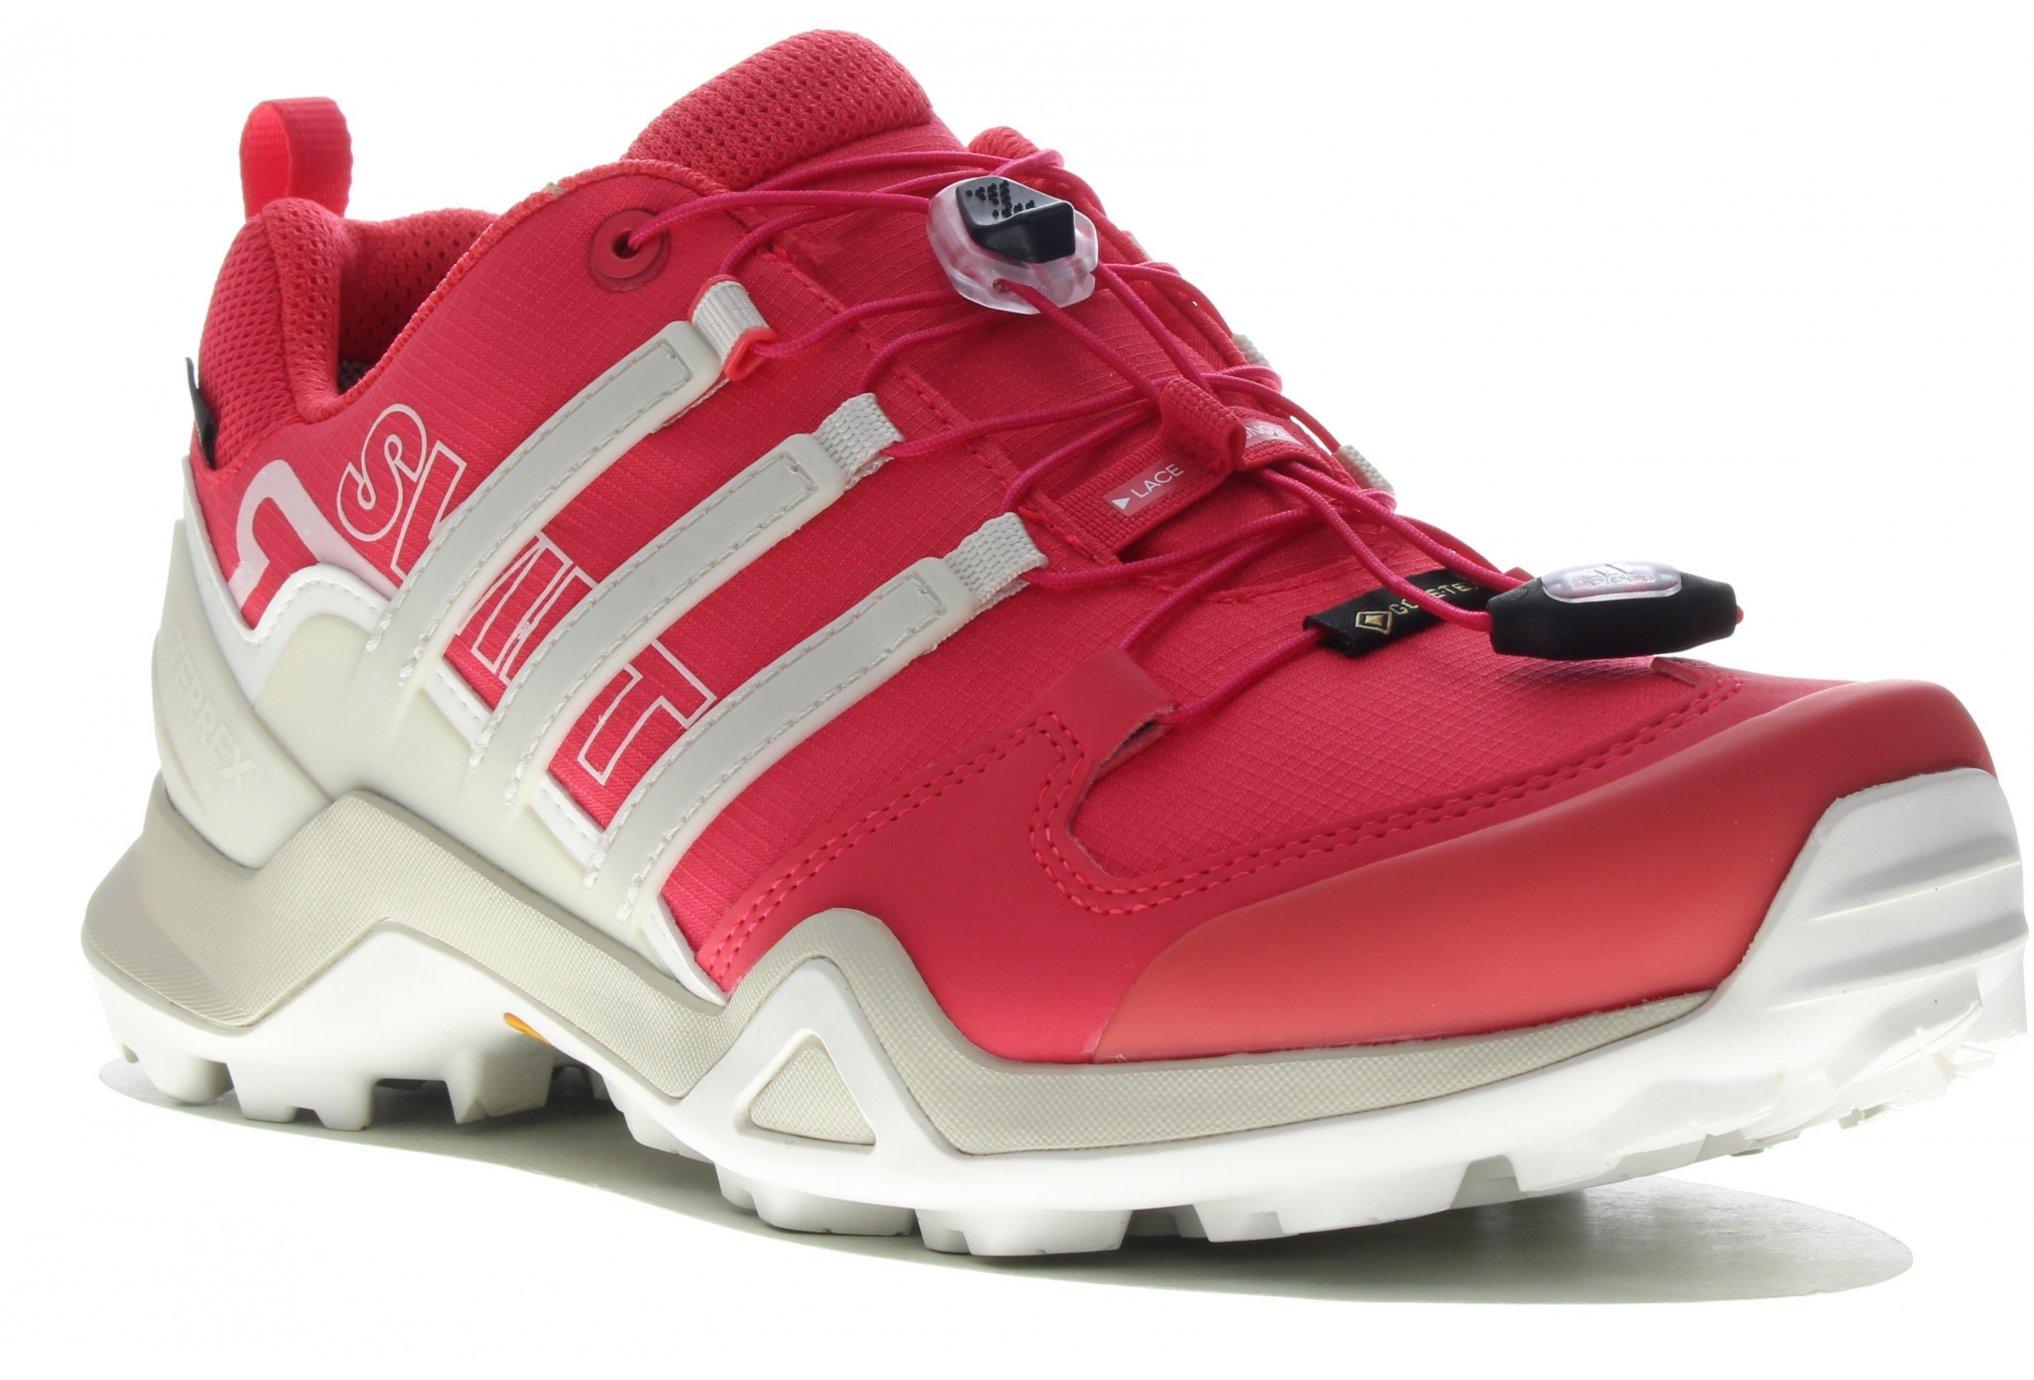 adidas-terrex-swift-r2-gore-tex-w-chaussures-running-femme-293296-1-fz